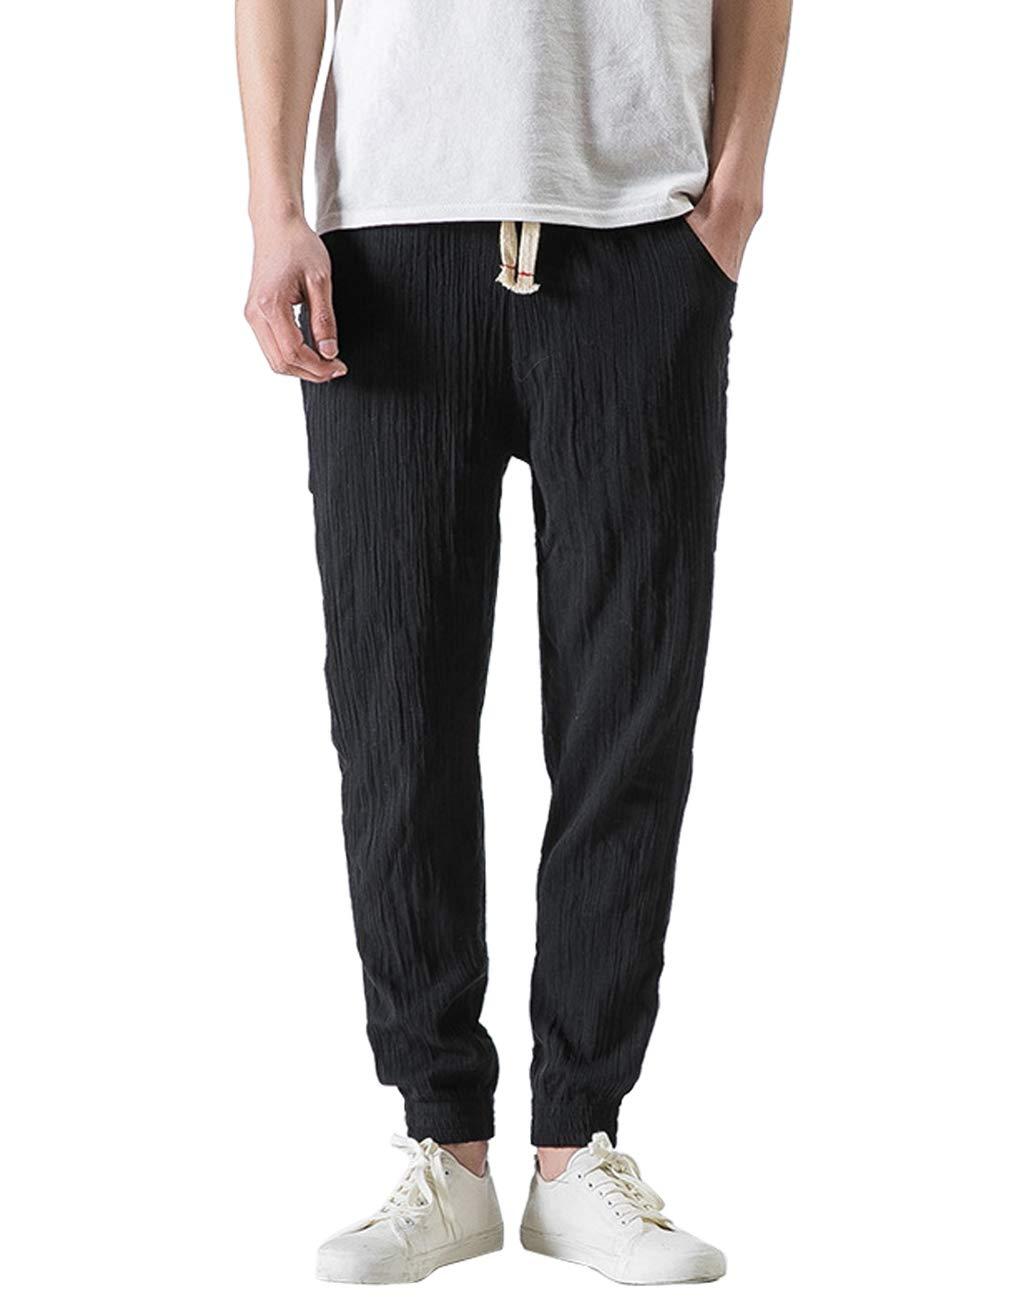 WEEN CHARM 袴パンツ 棉麻 メンズ 7分丈 ワイドパンツ ショートパンツ 調整紐付き ズボン ゆったり ガウチョパンツ シンプル 無地 春夏 サルエルパンツ カジュアル